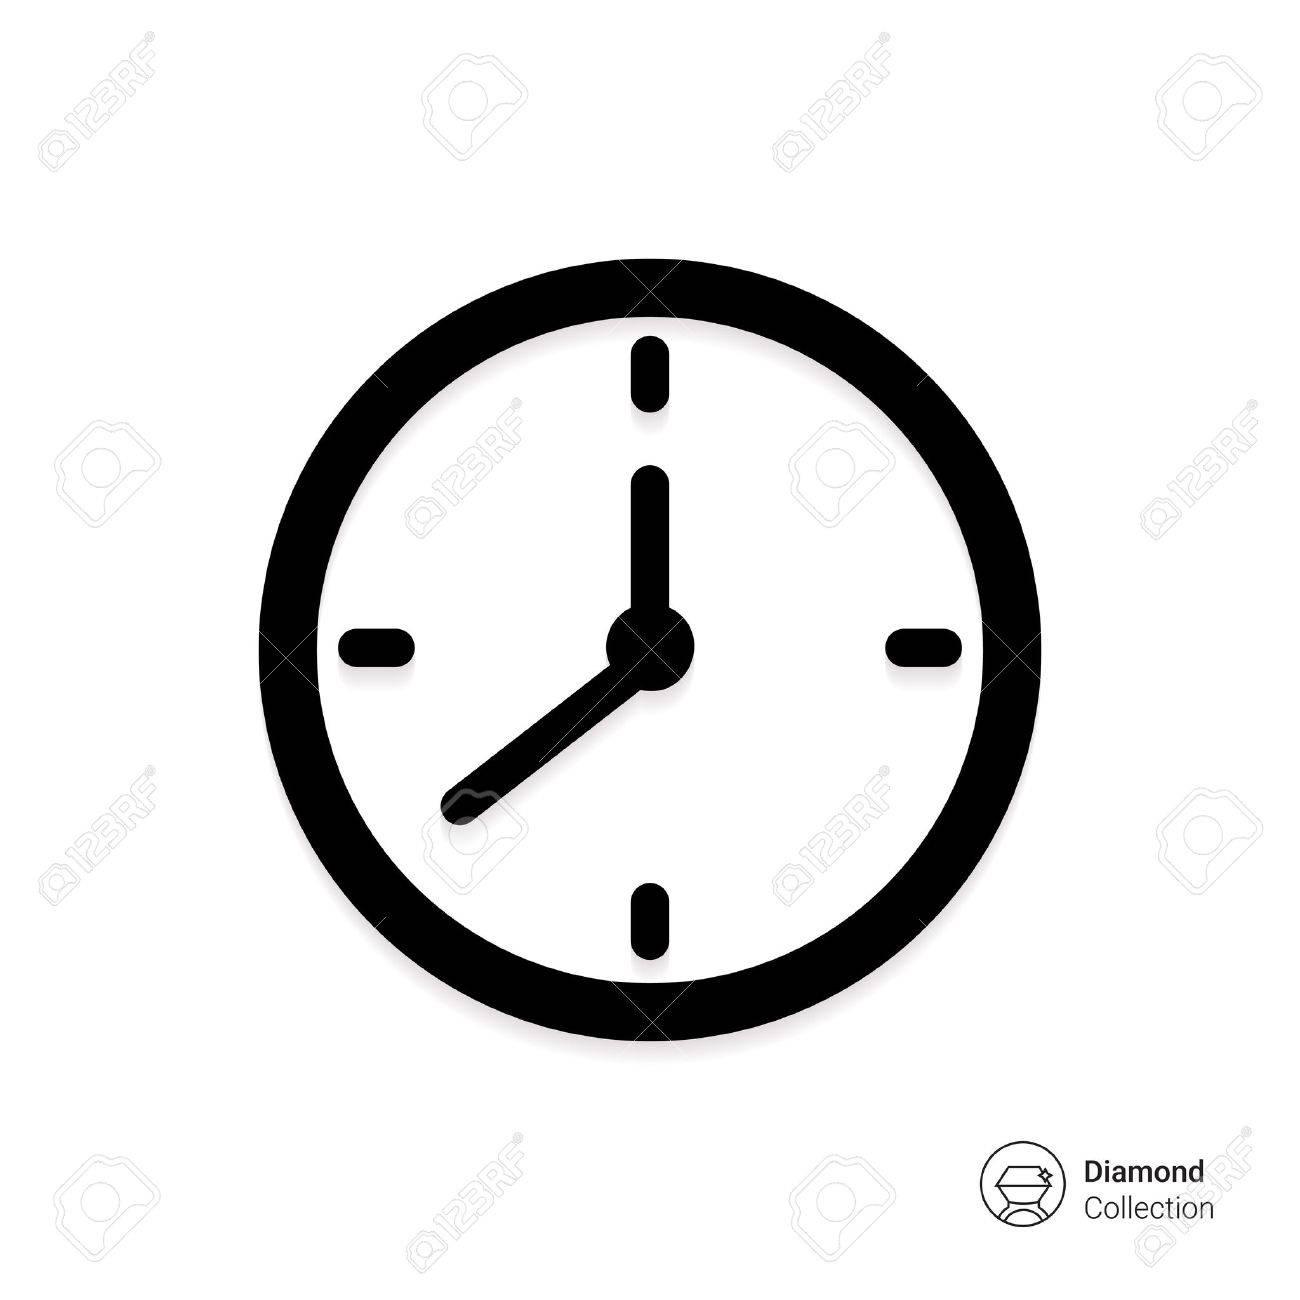 Vector Icone Horloge Murale Clip Art Libres De Droits Vecteurs Et Illustration Image 46852651